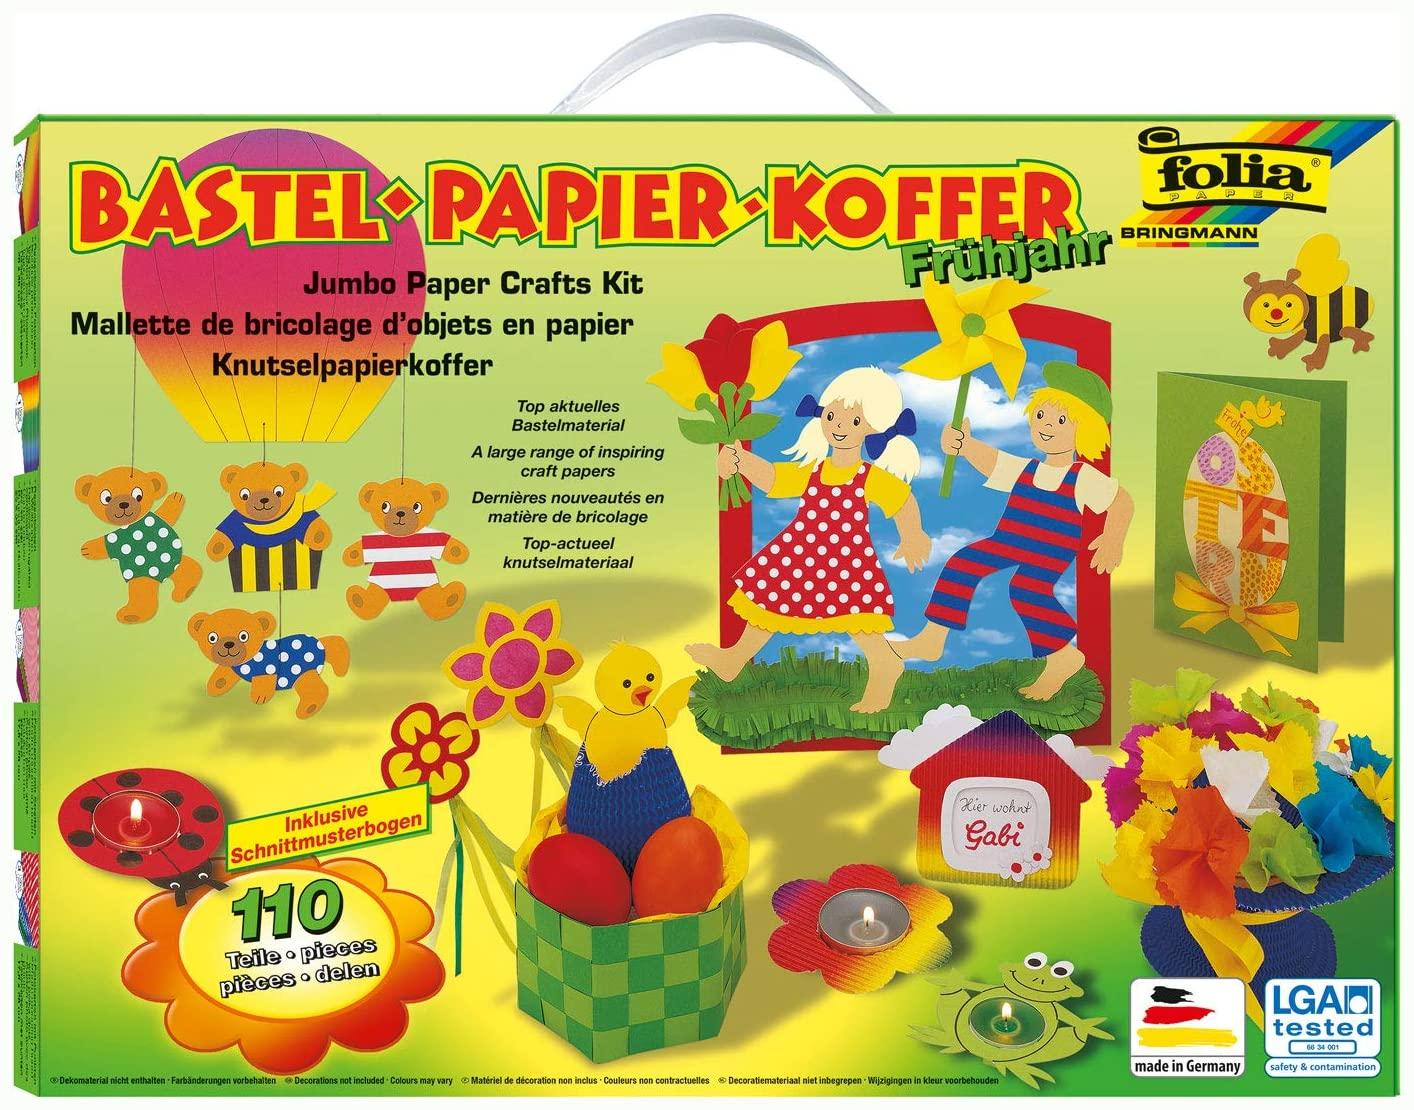 folia 933 - Bastelpapierkoffer Frühjahr und Ostern, 110 Teile - Kreativset für Kinder und Erwachsene